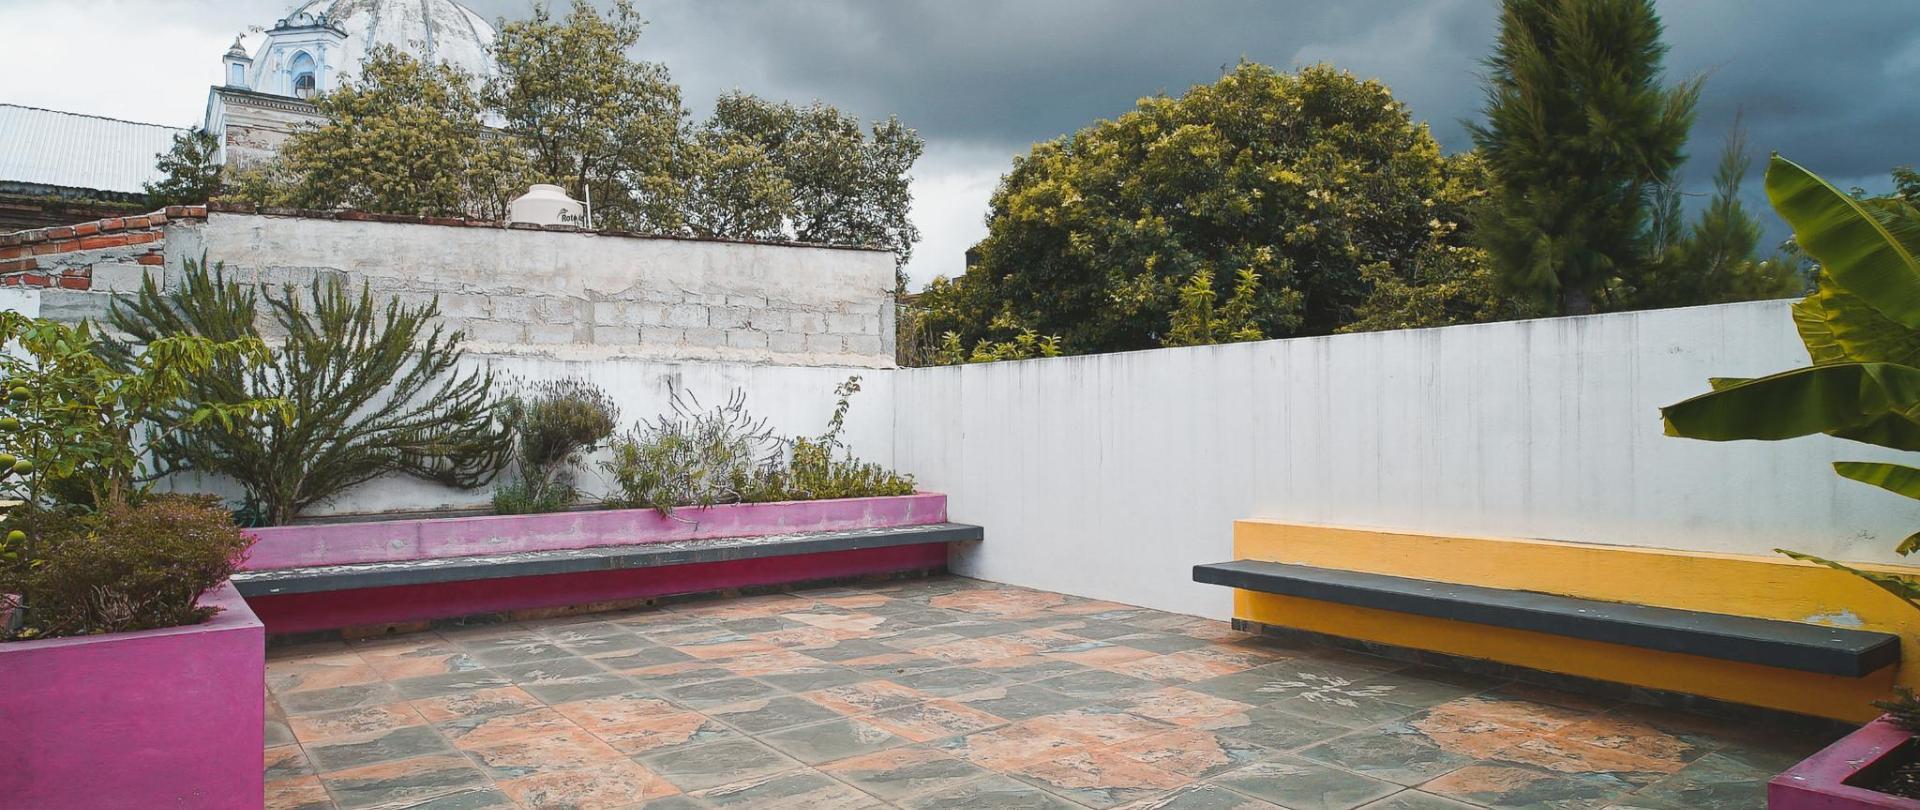 Area de Conferencia_Jardín de Luz (1).JPG